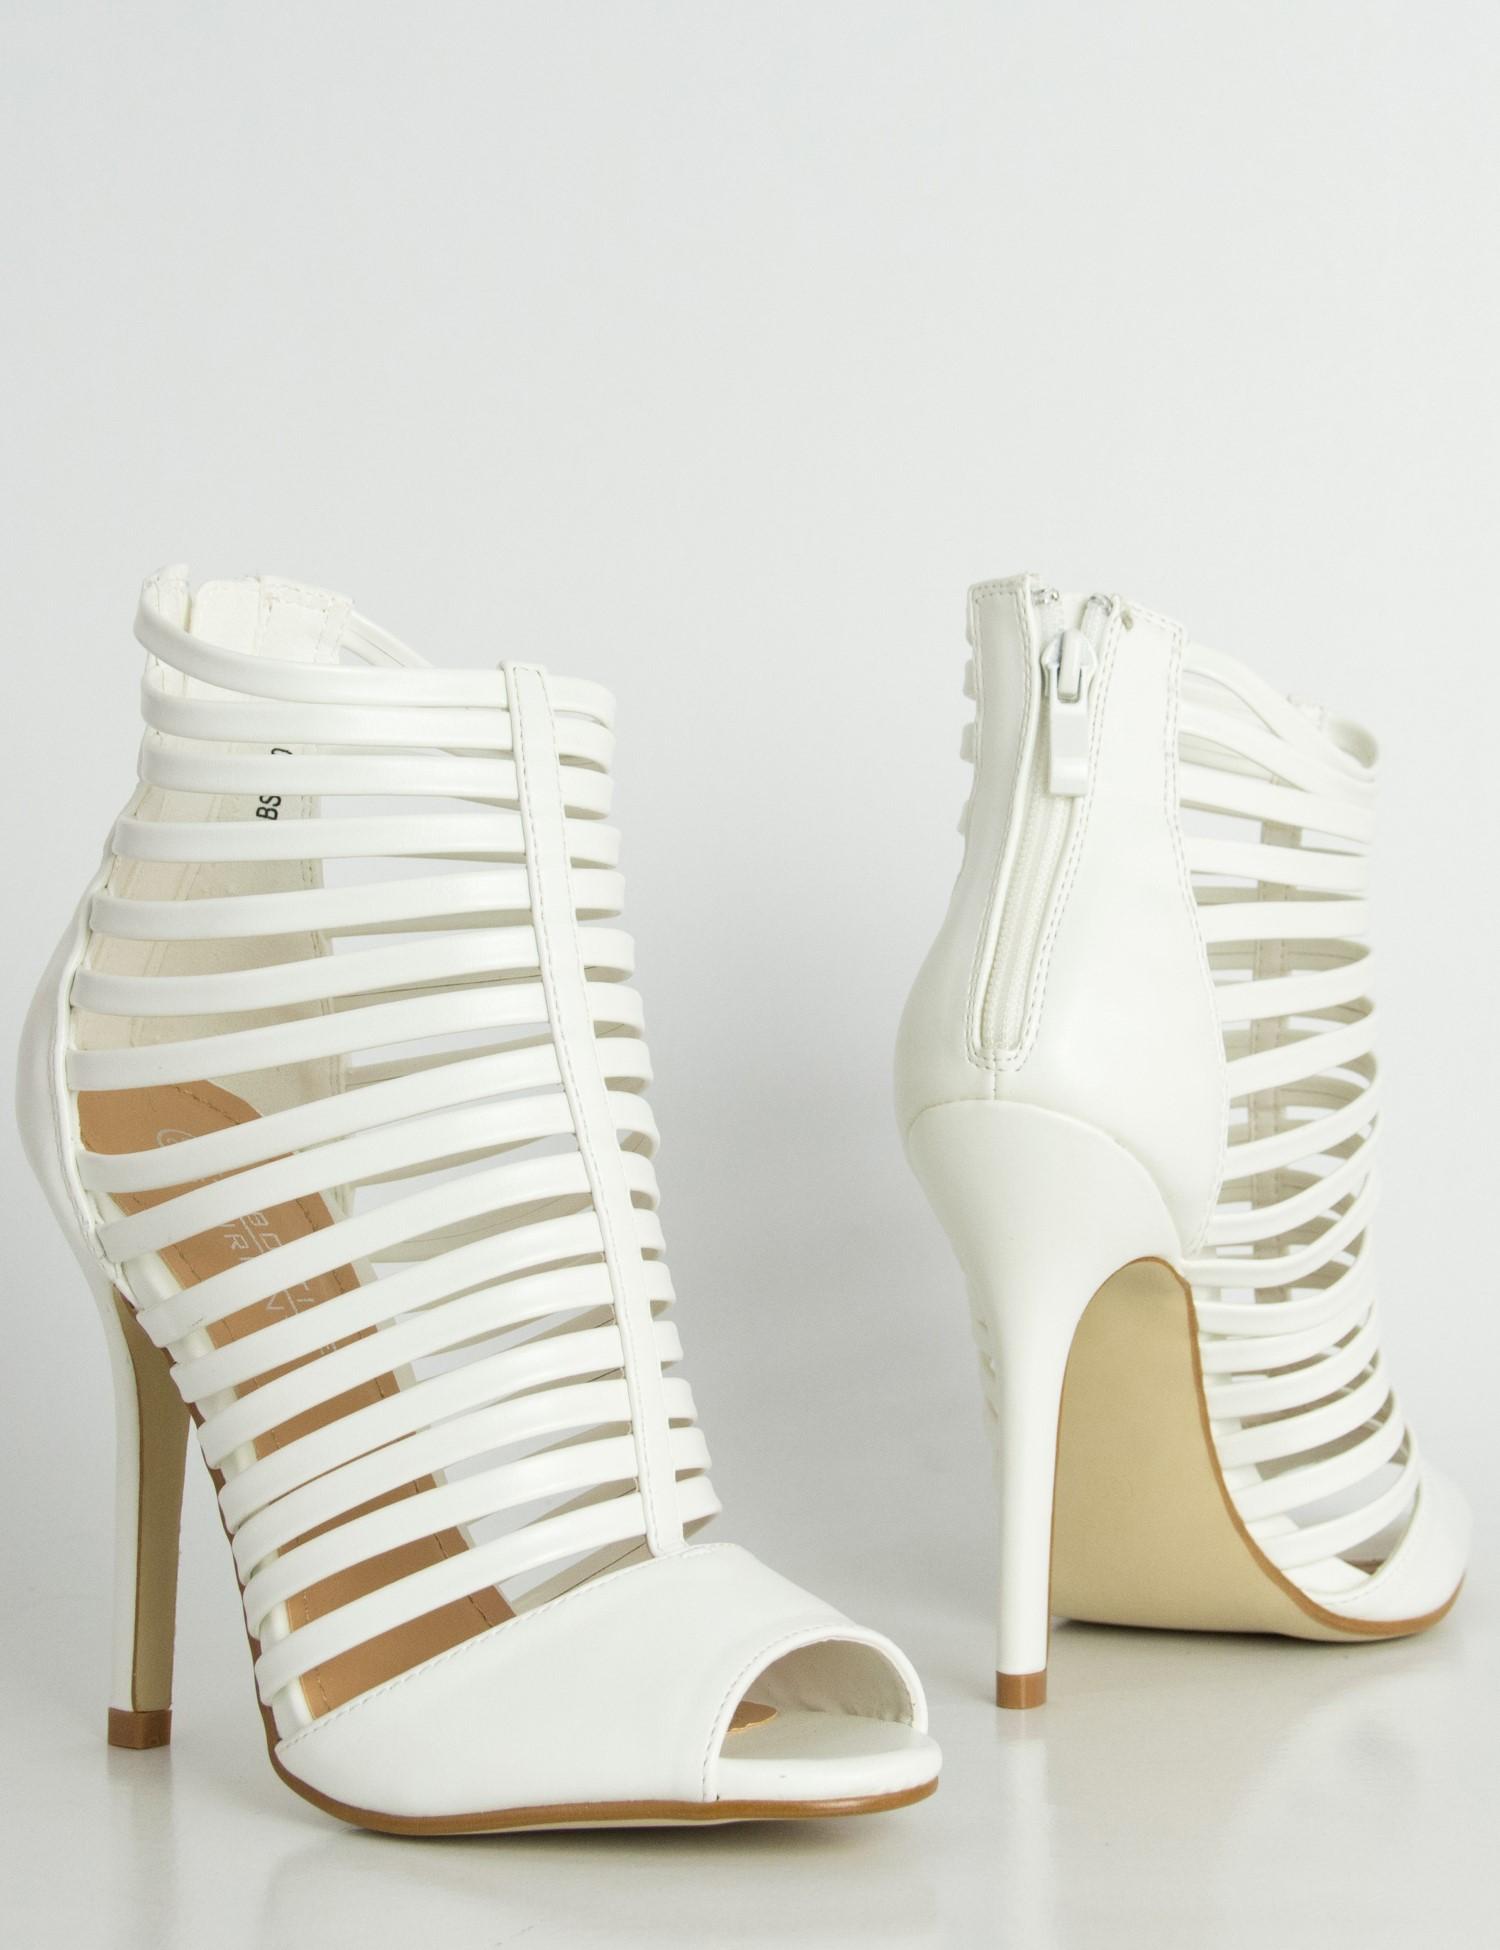 Γυναικεία λευκά πέδιλα Peep Toe δερματίνη λουριά LBS2670R c570ef5eaff